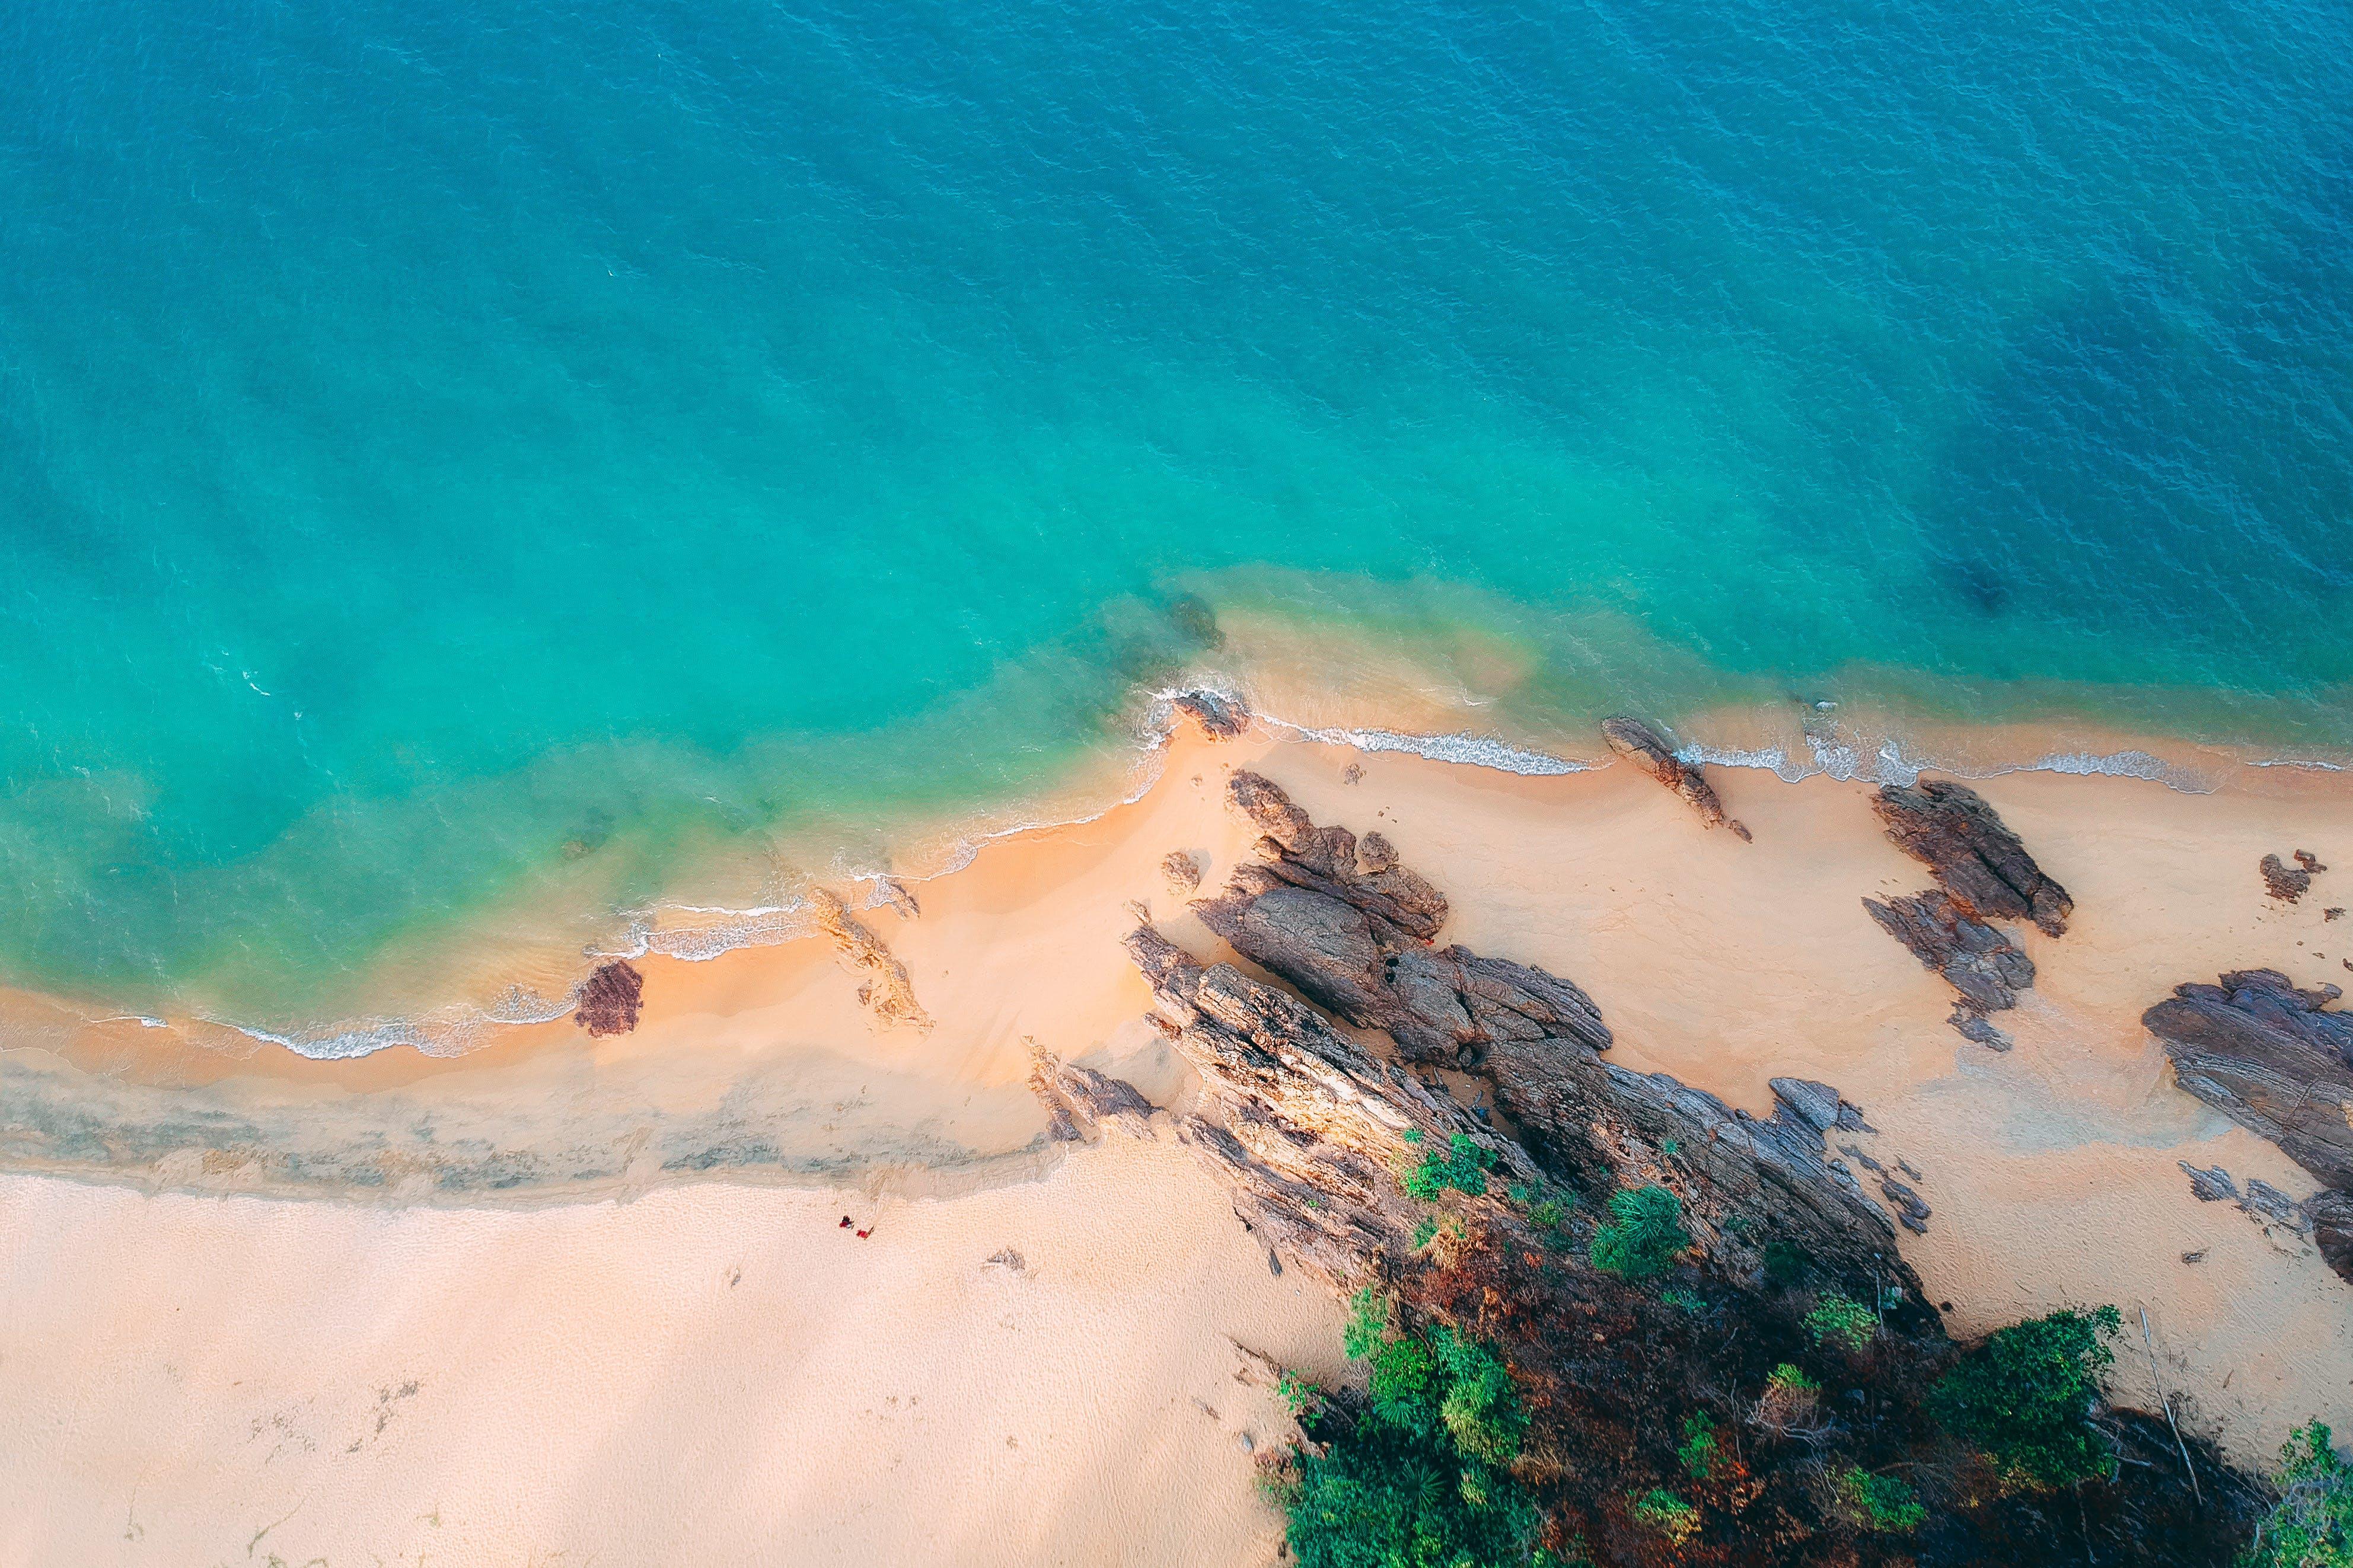 Základová fotografie zdarma na téma cestování, dovolená, léto, moře